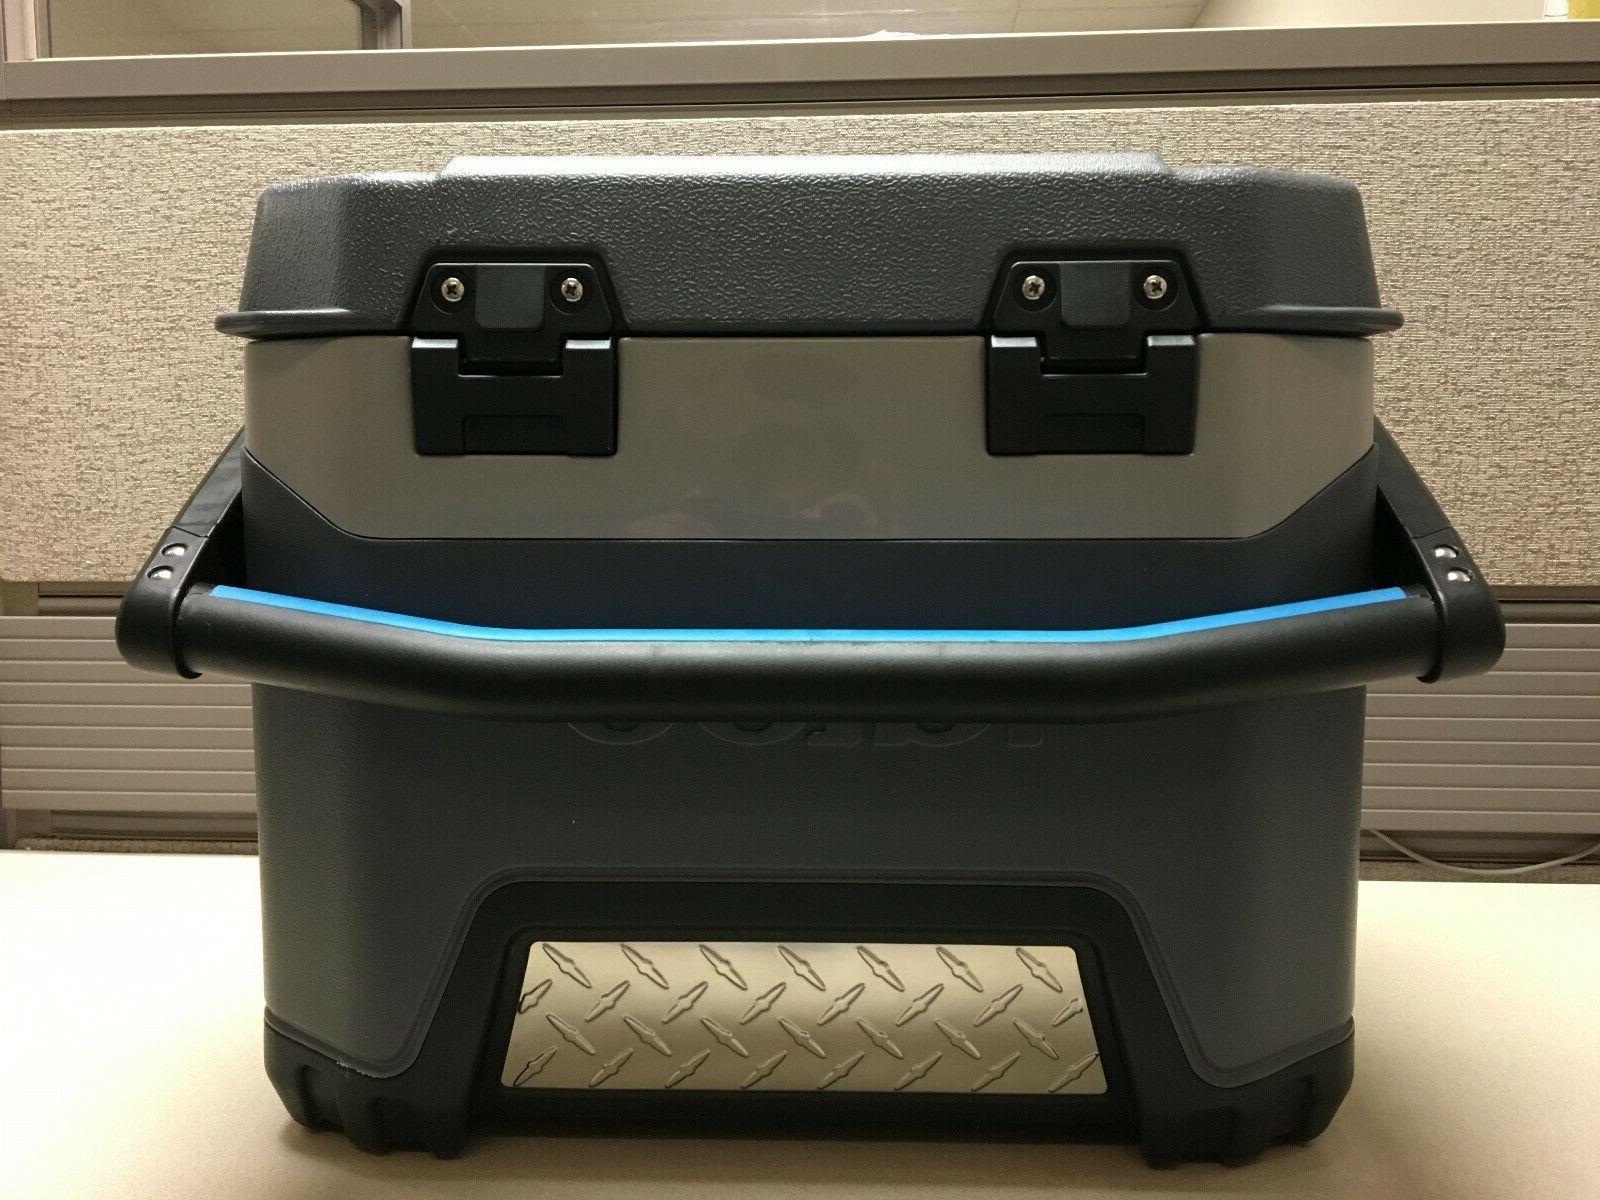 Igloo Heavy BMX 25 Quart Cooler - - New